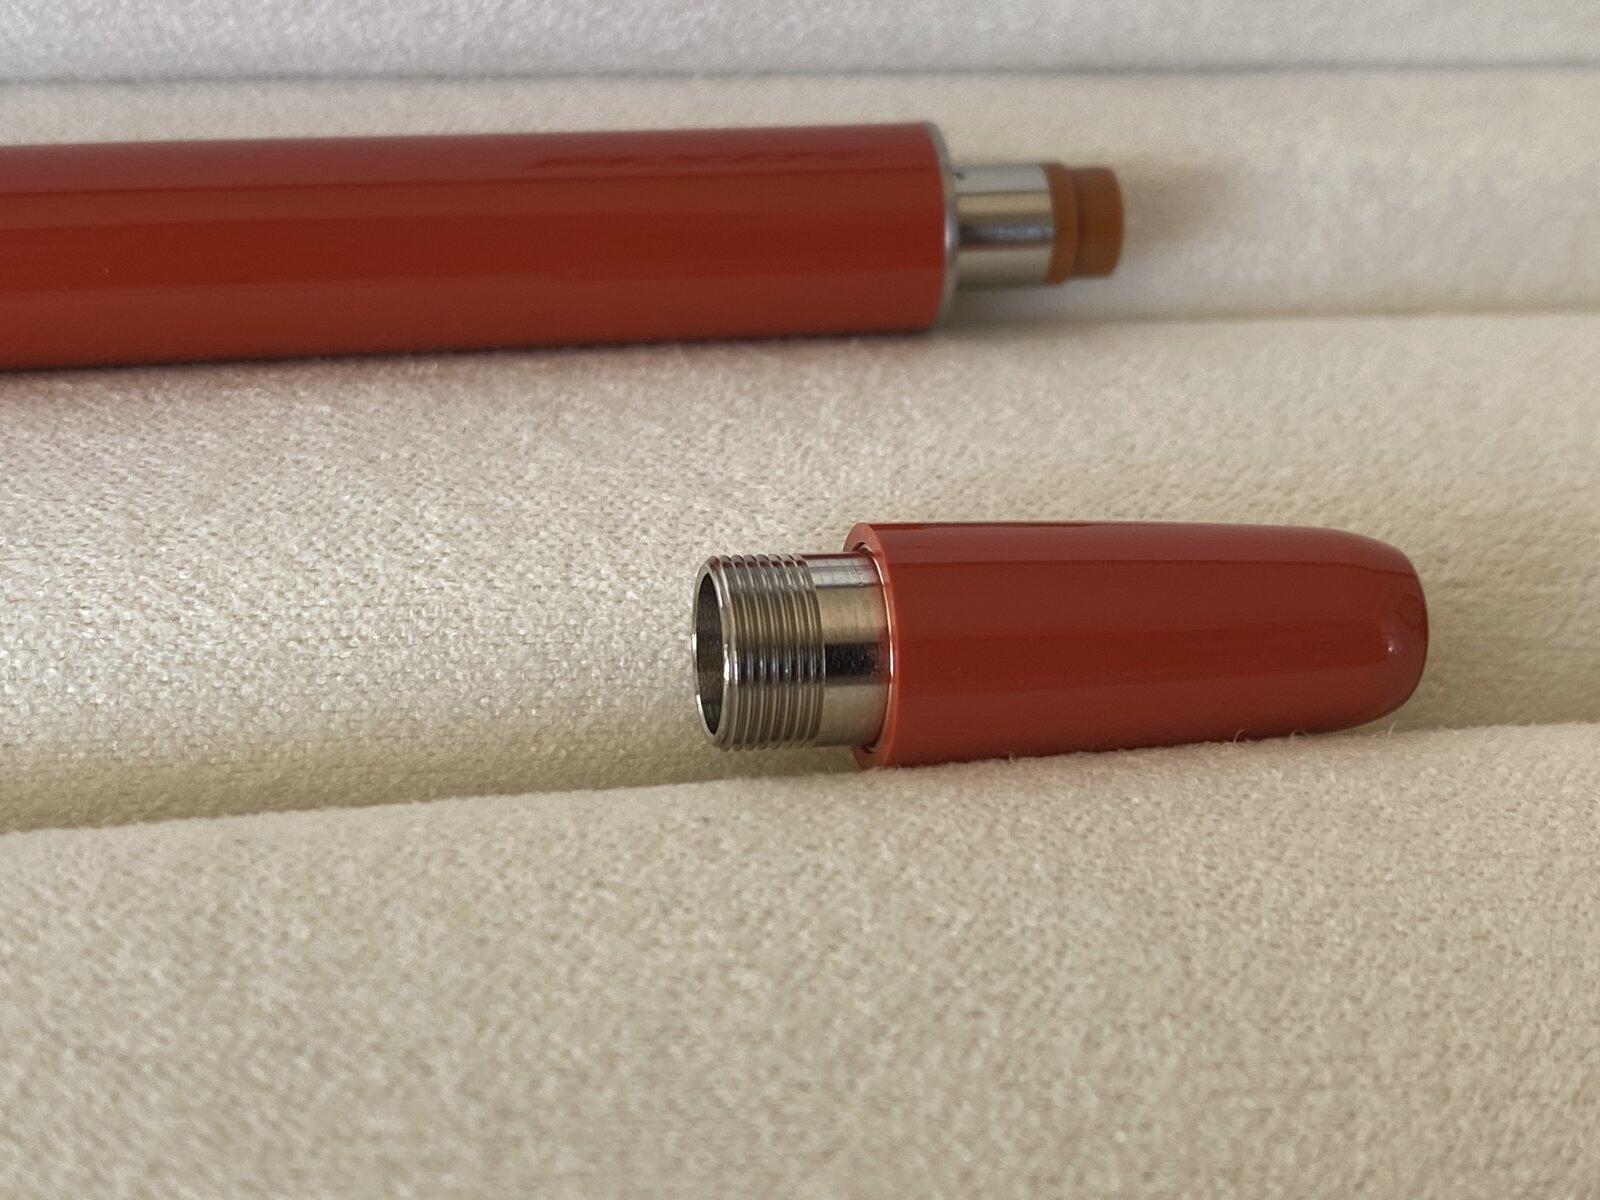 BDA8F298-CB11-4C4C-B559-4CCF9100F31F.jpeg